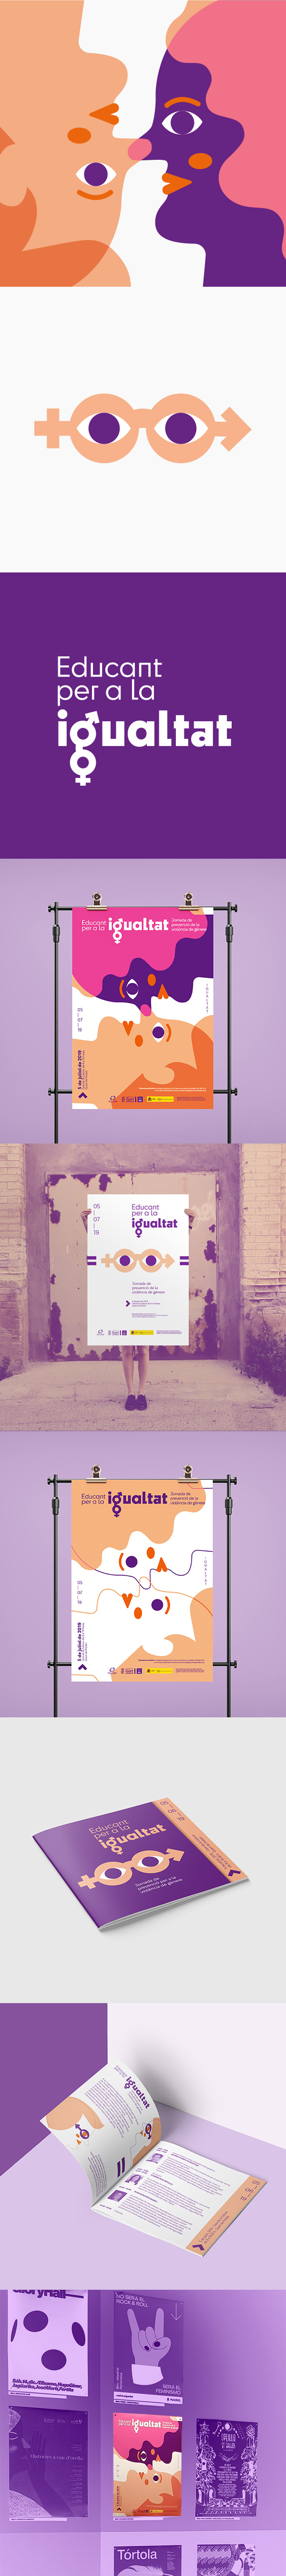 JornadaIgualdad-Quart-2019